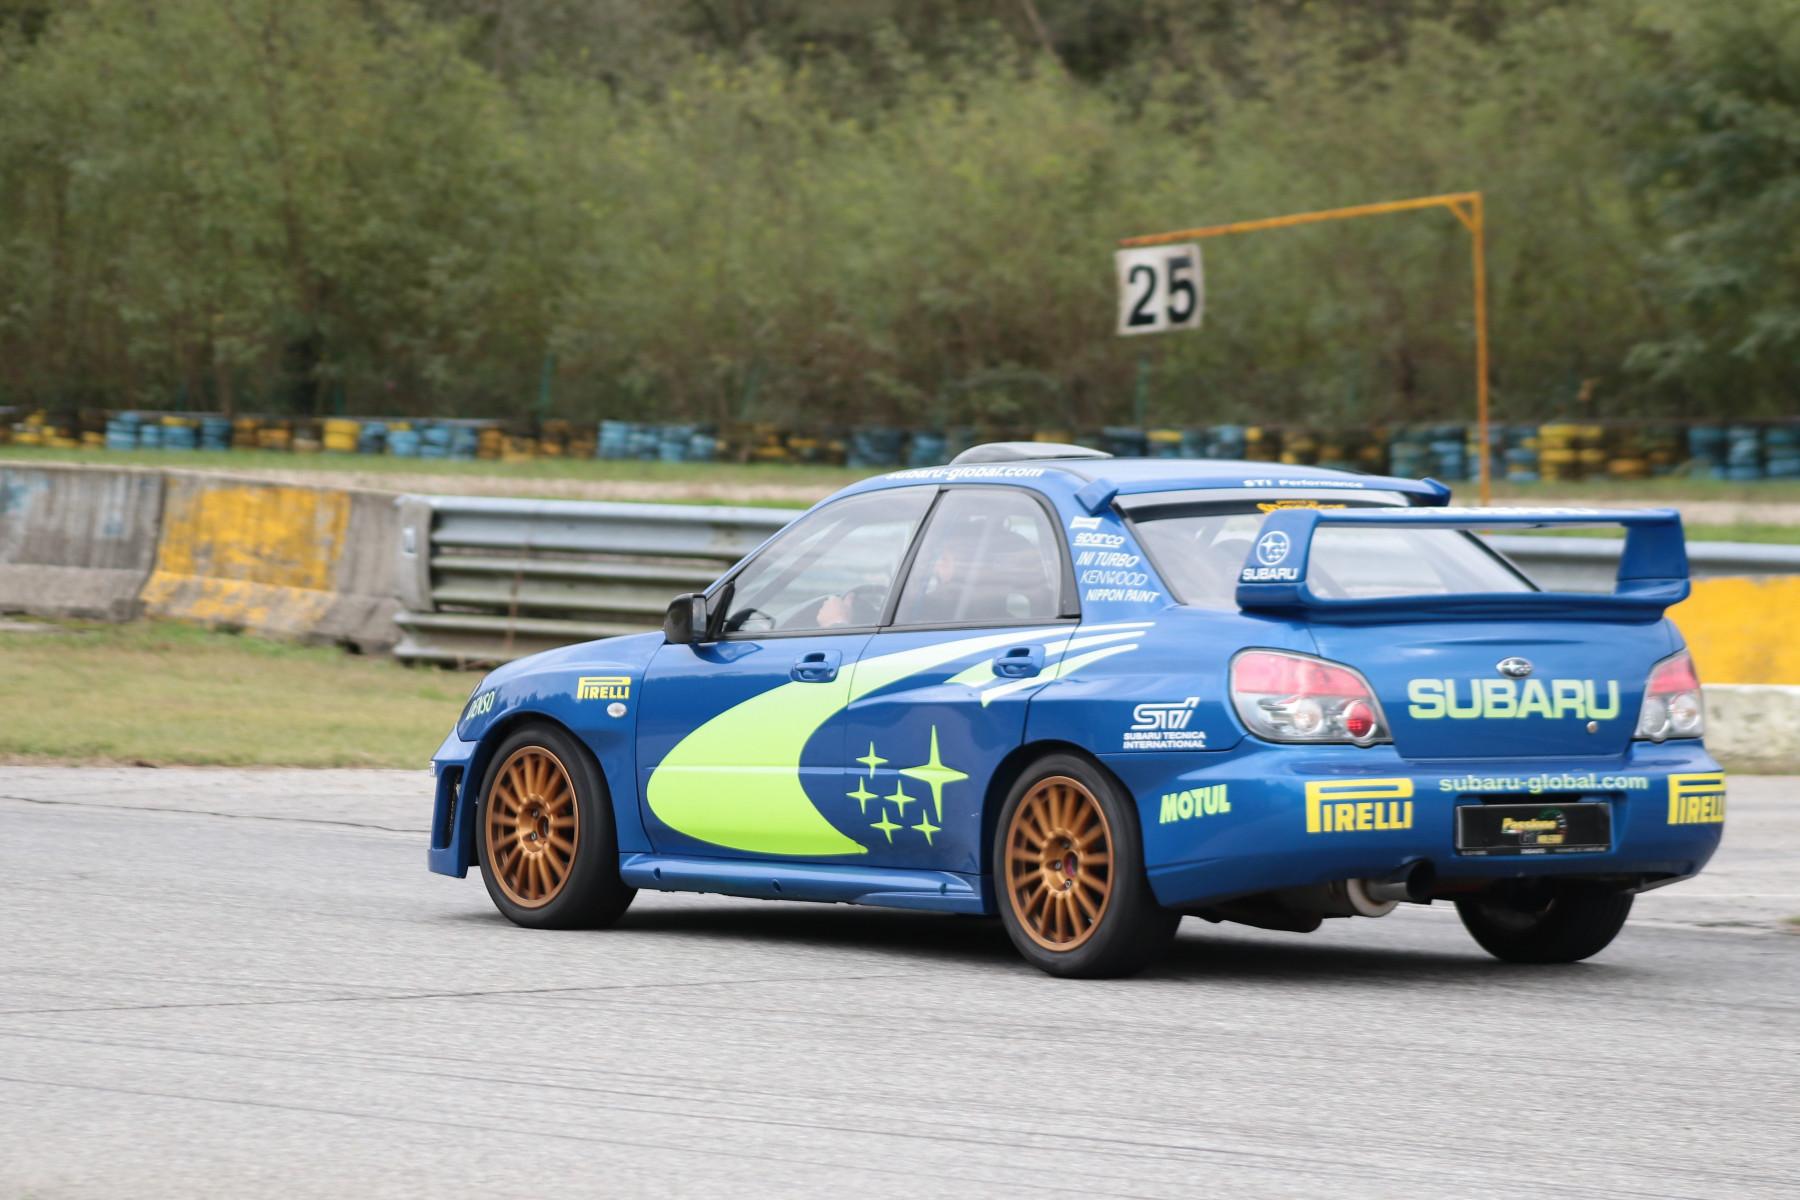 Guida sportiva in Subaru Impreza WRC al Castelletto Circuit